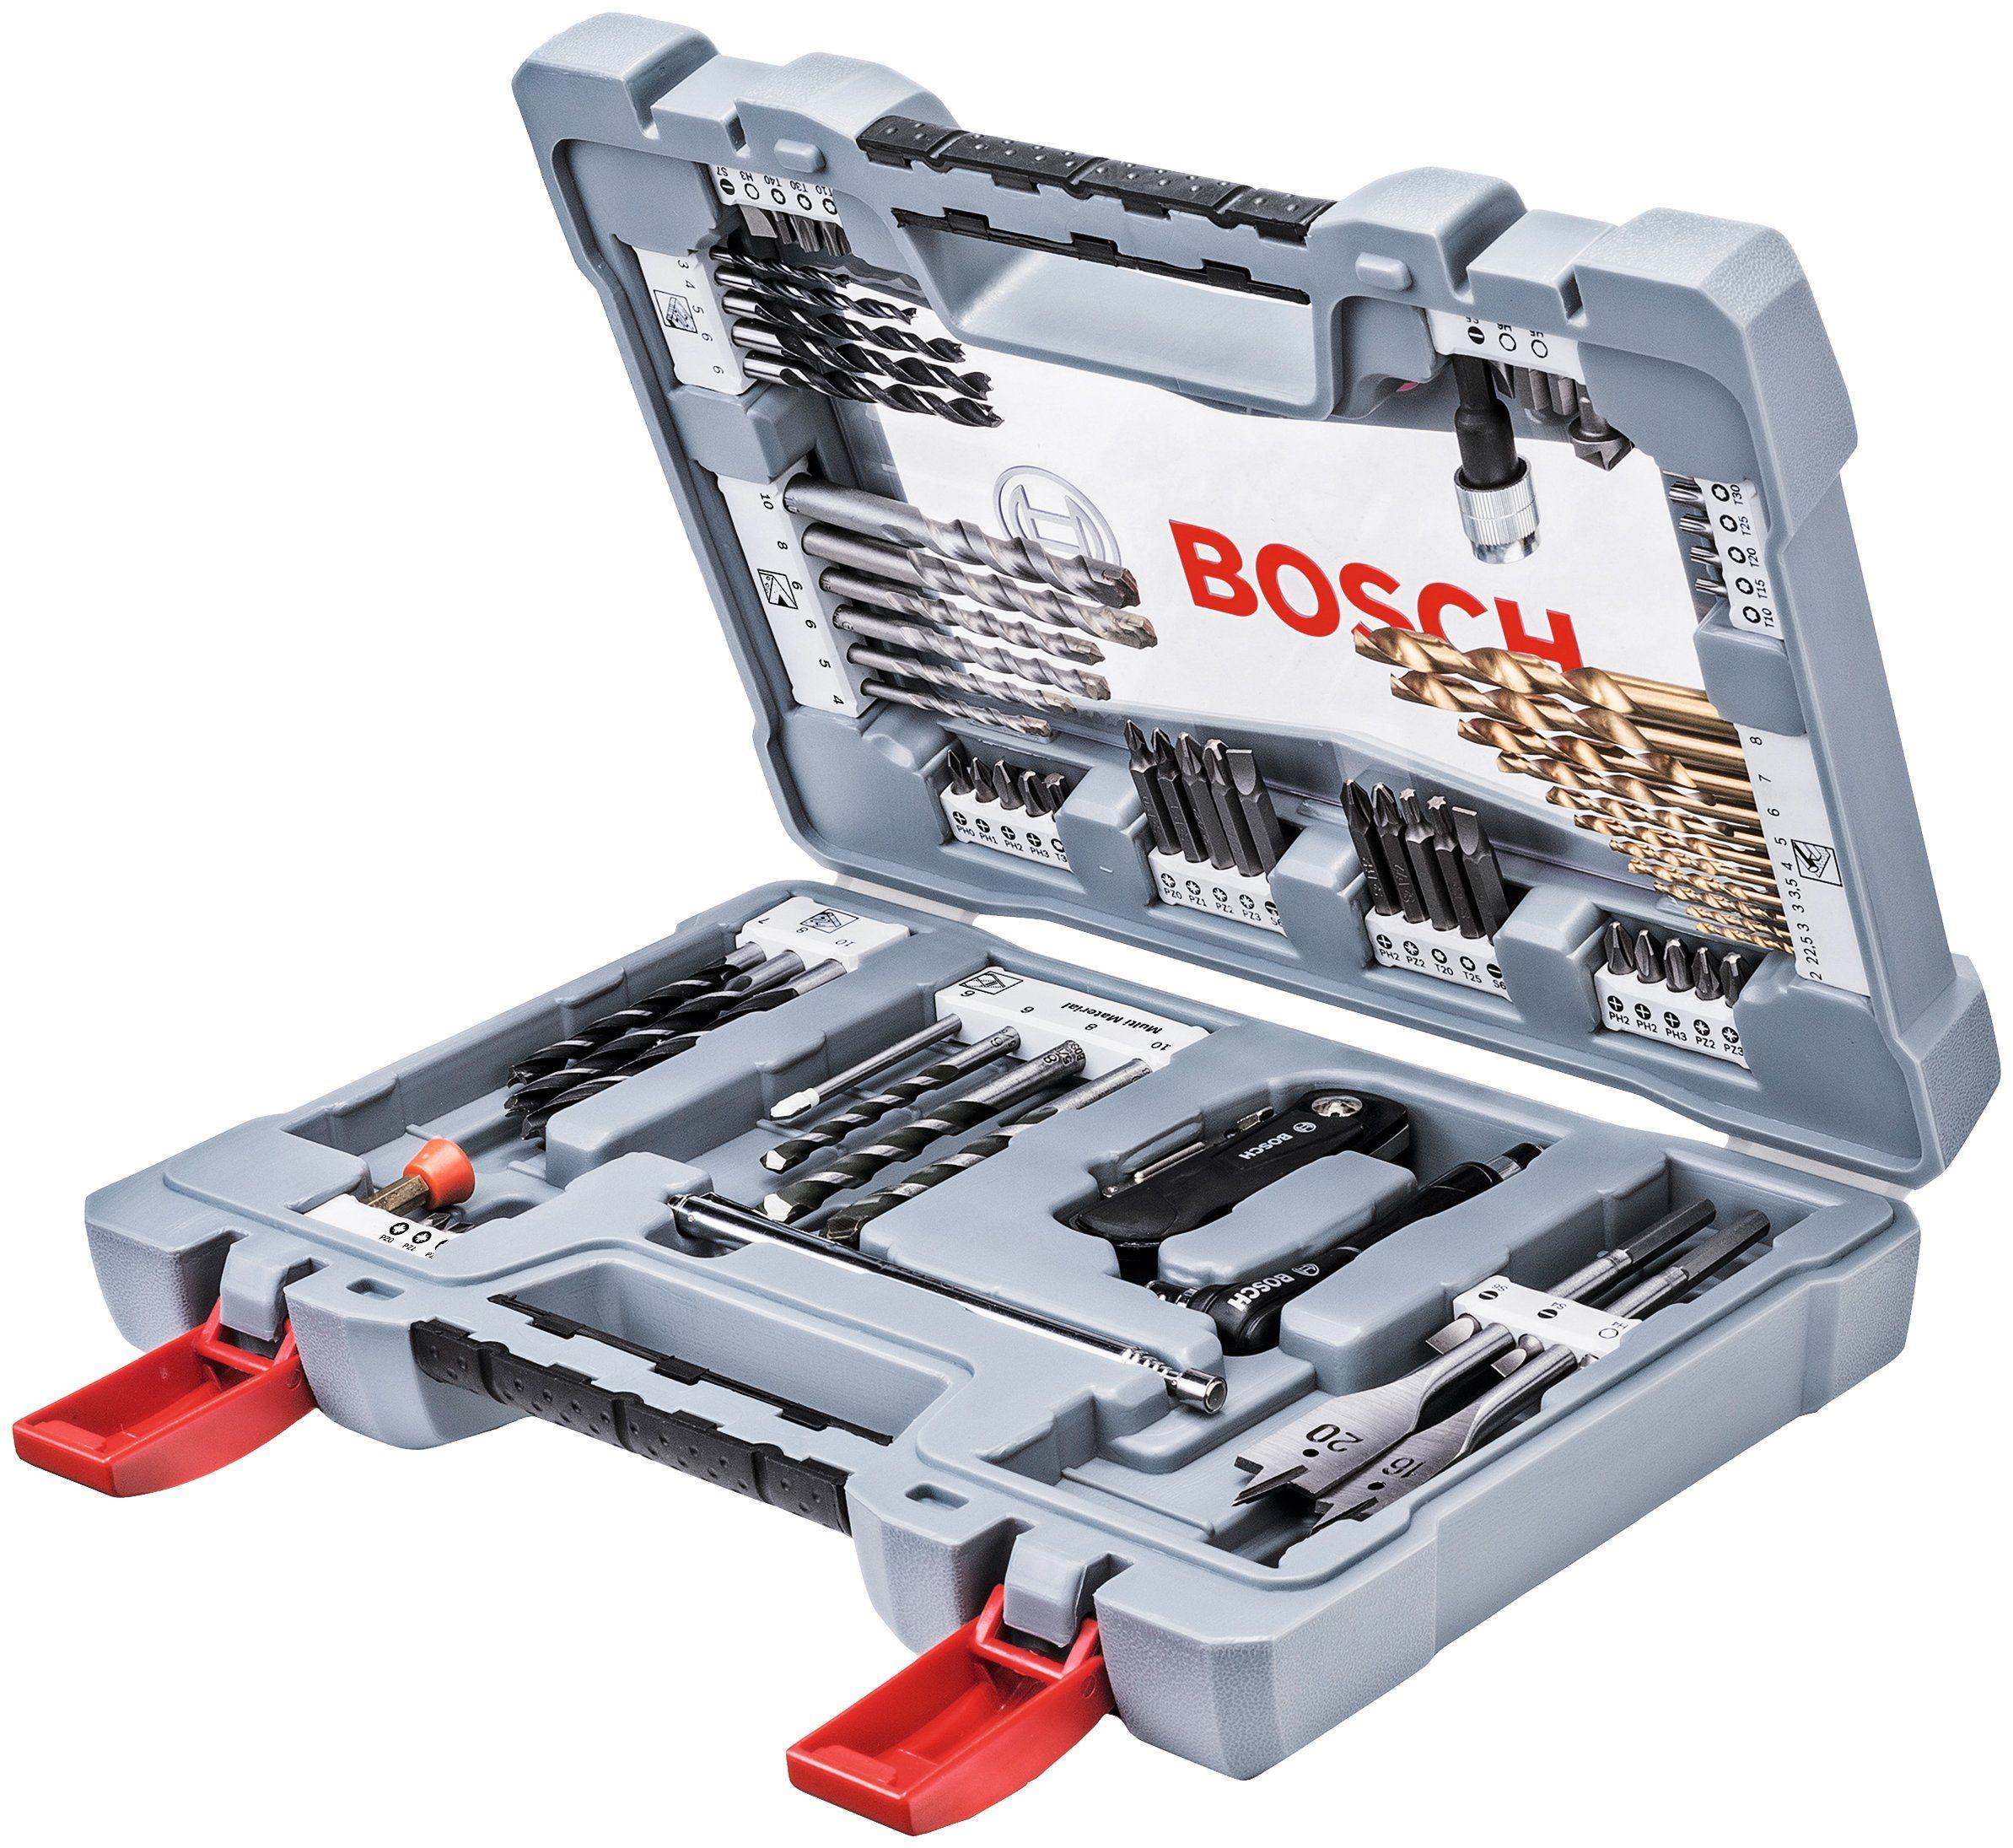 BOSCH Bohrer- und Bit-Set »Premium«, 76-tlg.